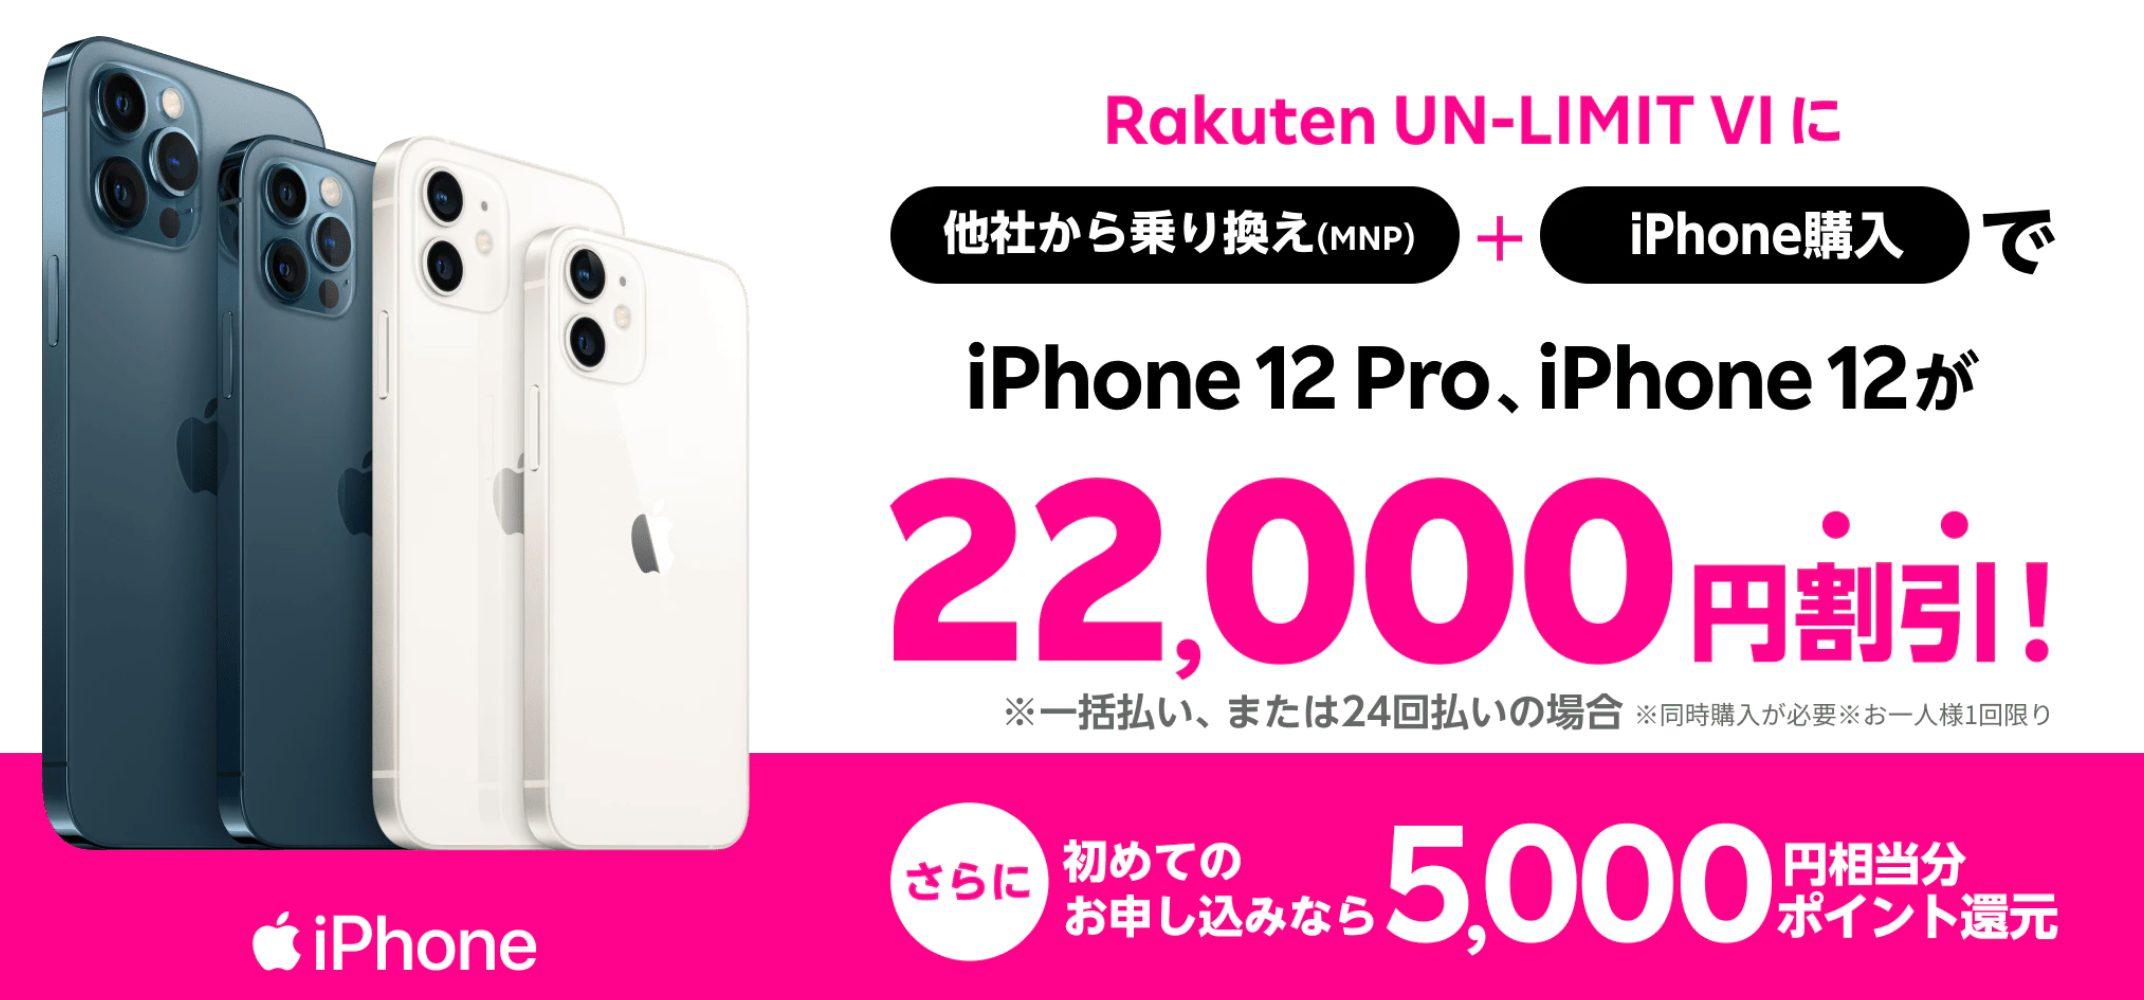 楽天モバイルiPhoneキャンペーン